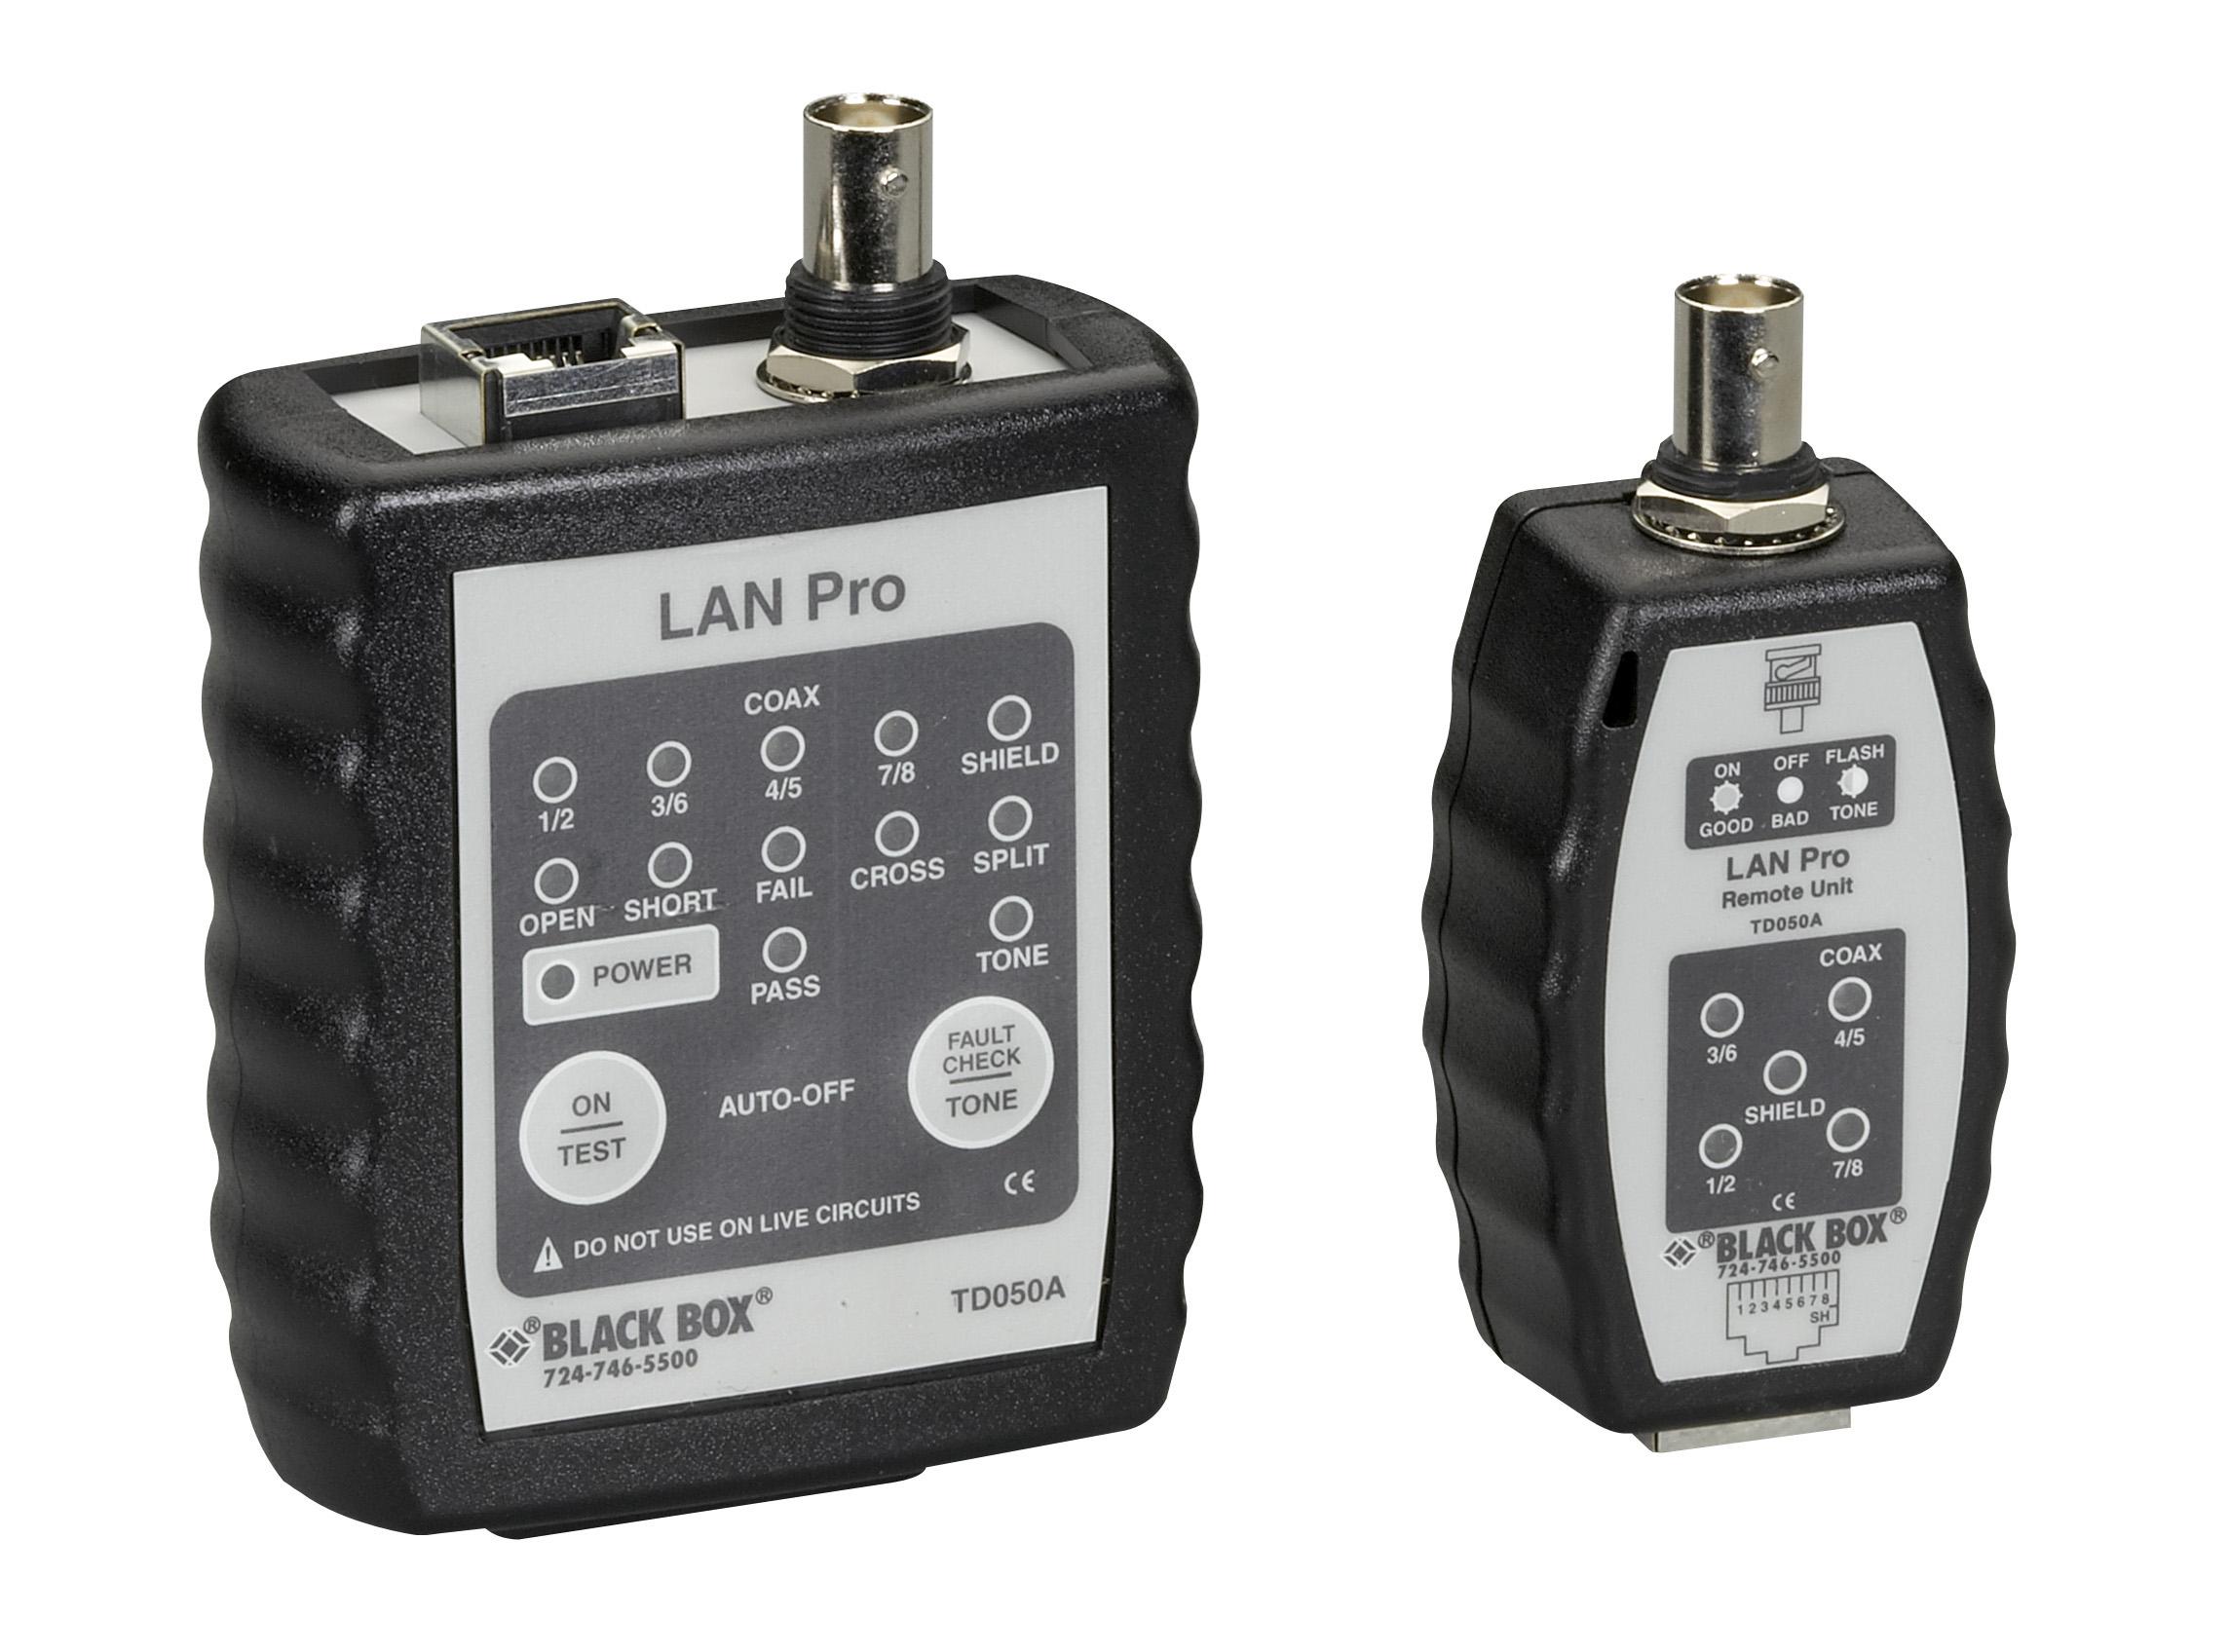 LAN Pro